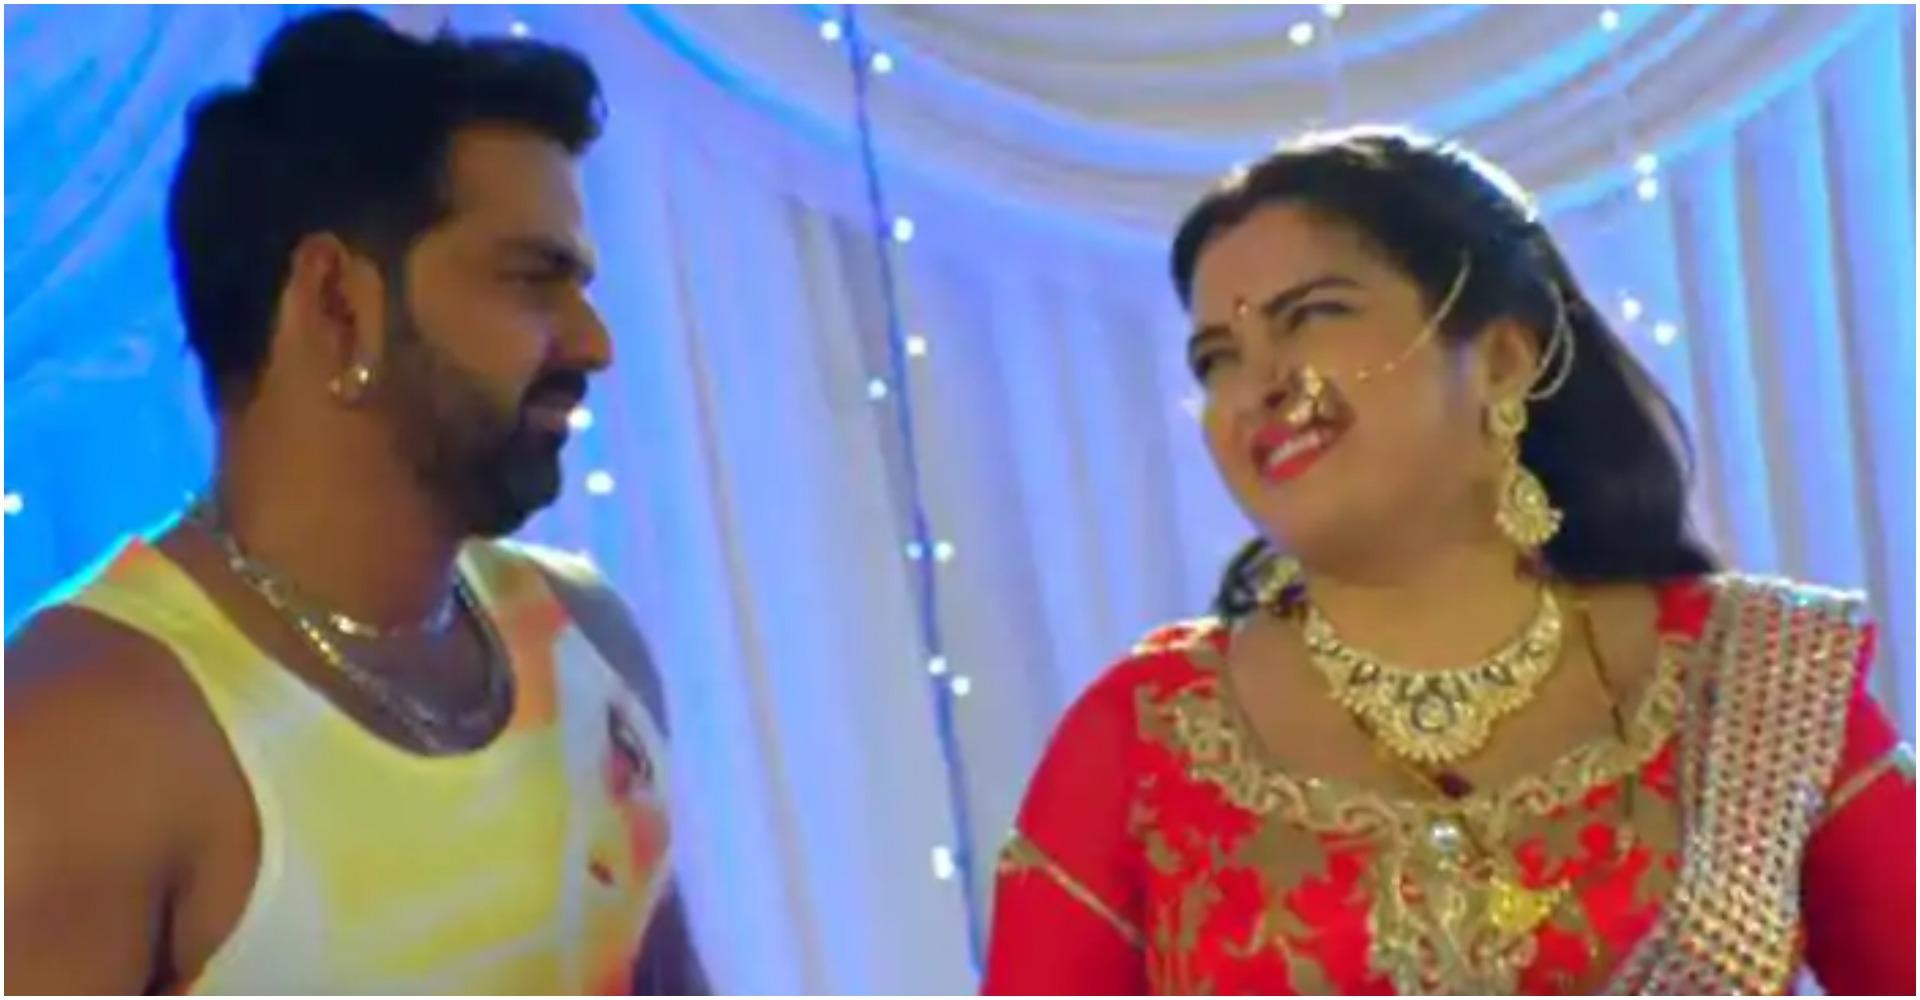 Bhojpuri Songs: पवन सिंह और आम्रपाली दुबे का जबरजस्त हॉट भोजपुरी गाना देख उड़ जाएंगे आपके होश, देखे वीडियो